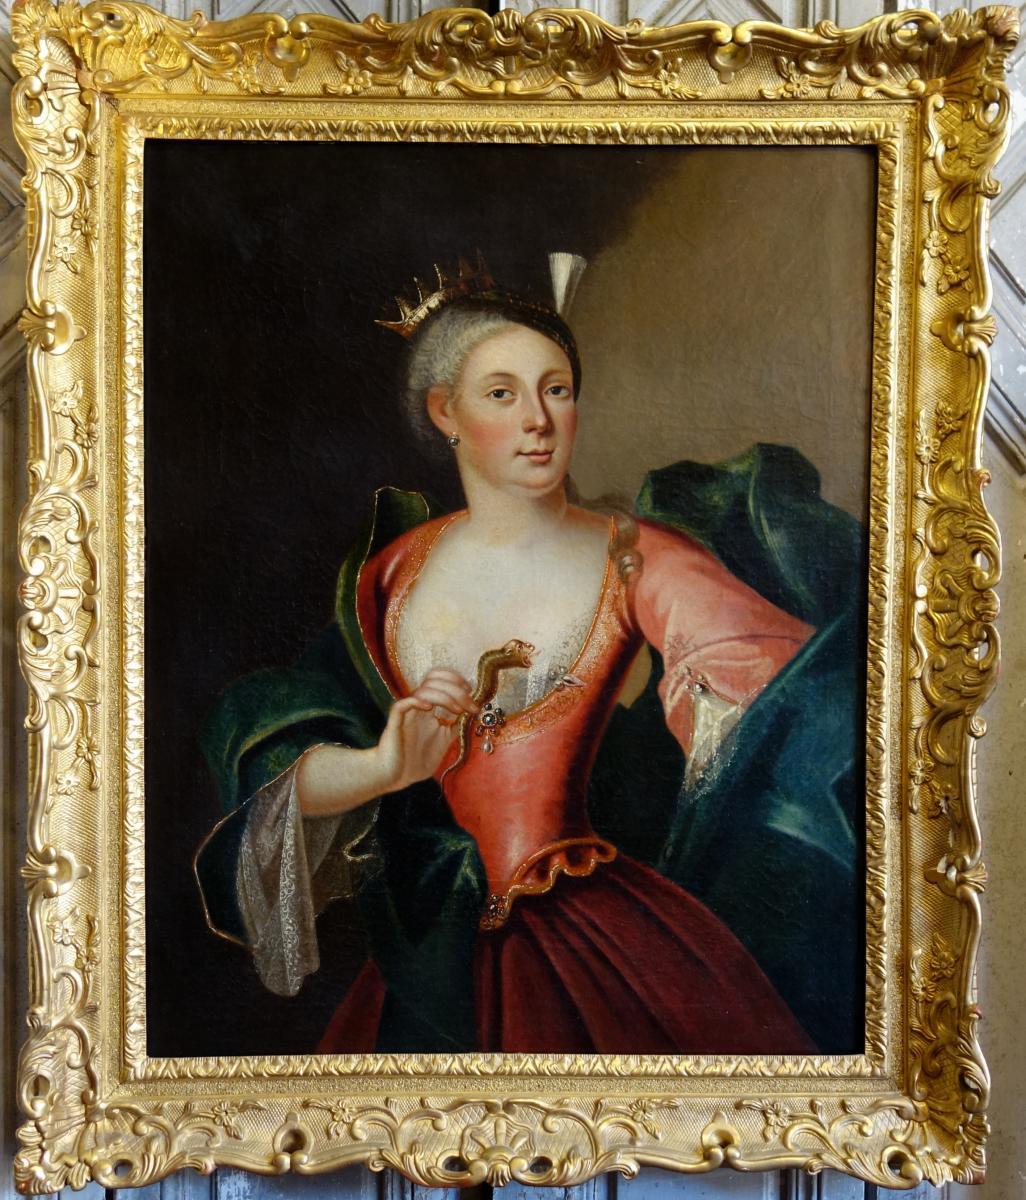 Portrait De Femme En Cléopâtre Epoque XVIIIème Siècle